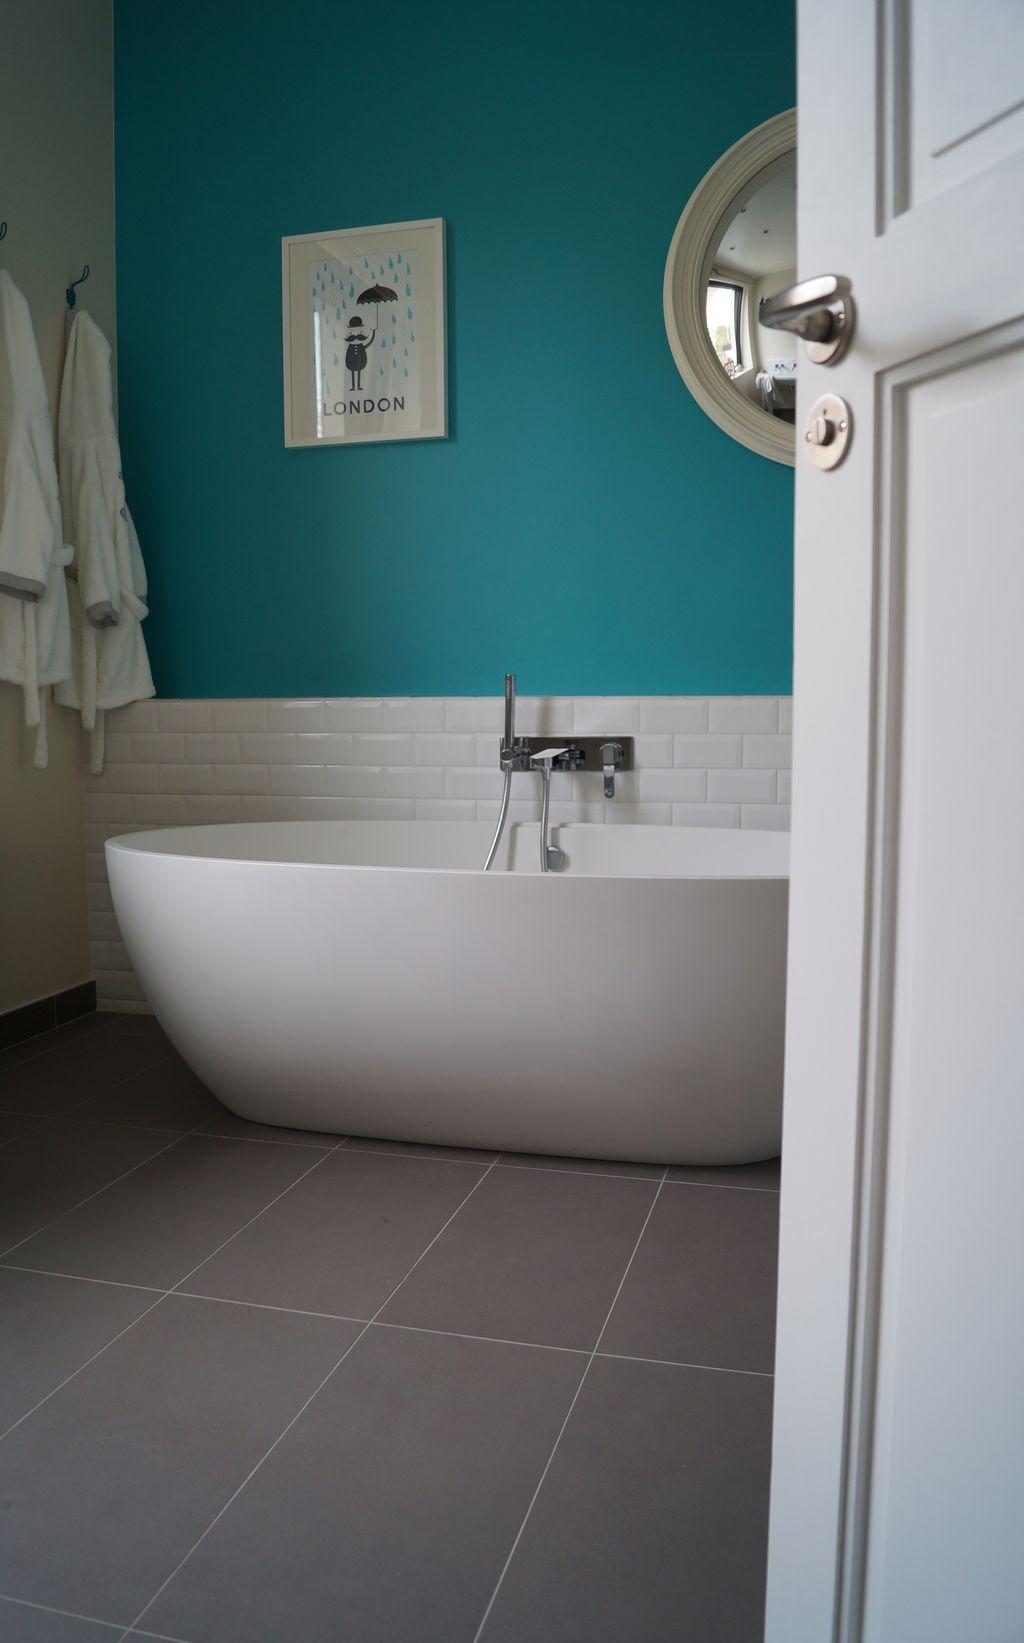 salle de bains bleu turquoise | salle de bain en 2019 | Salle de ...